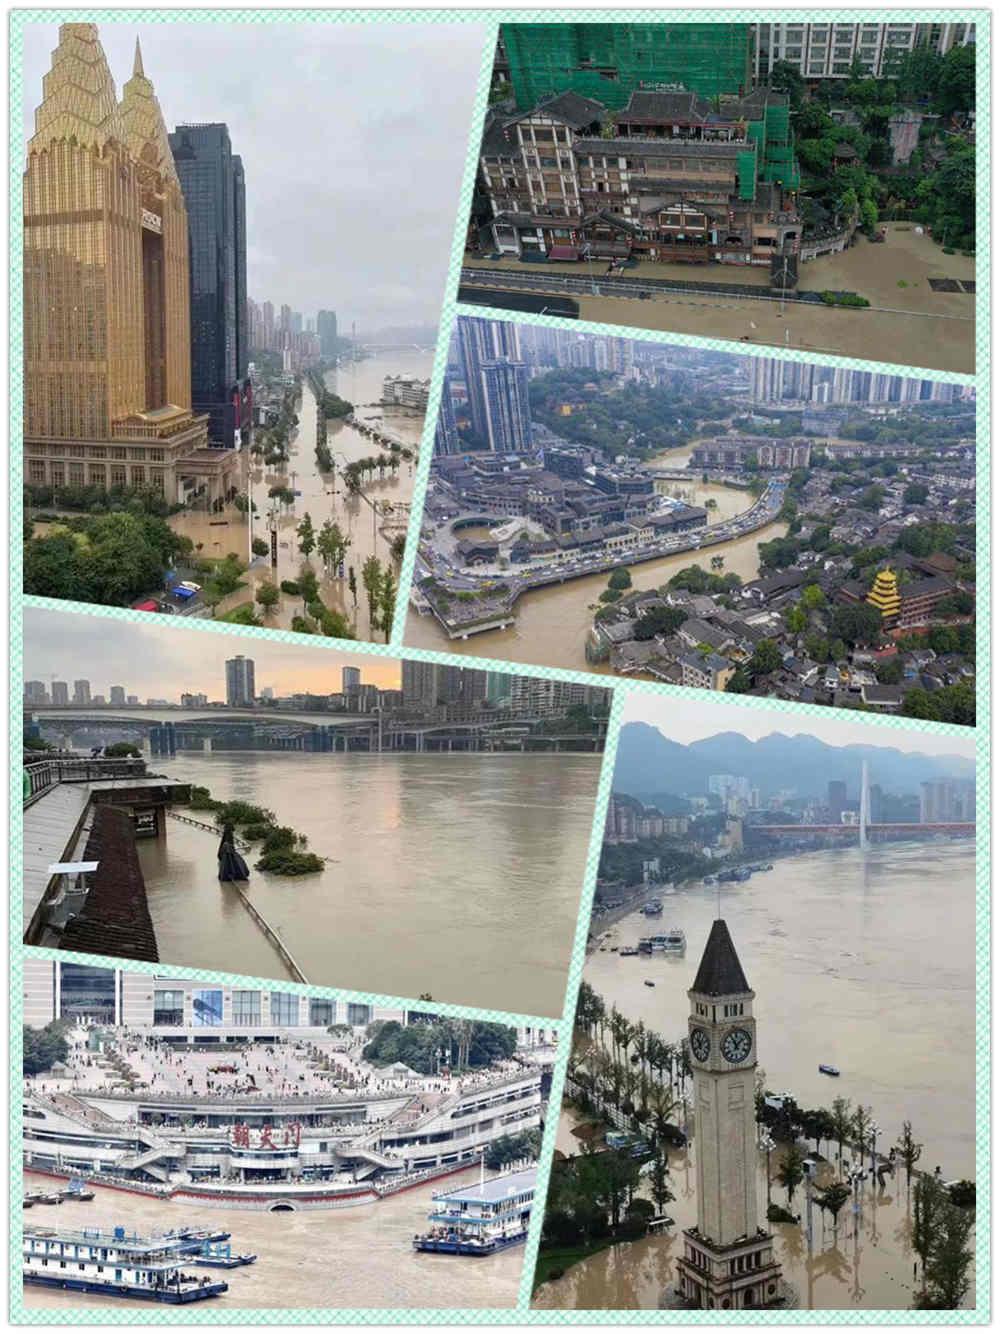 还记得去年被淹的重庆主城吗?今年汛期又来了,想看稀奇吗?